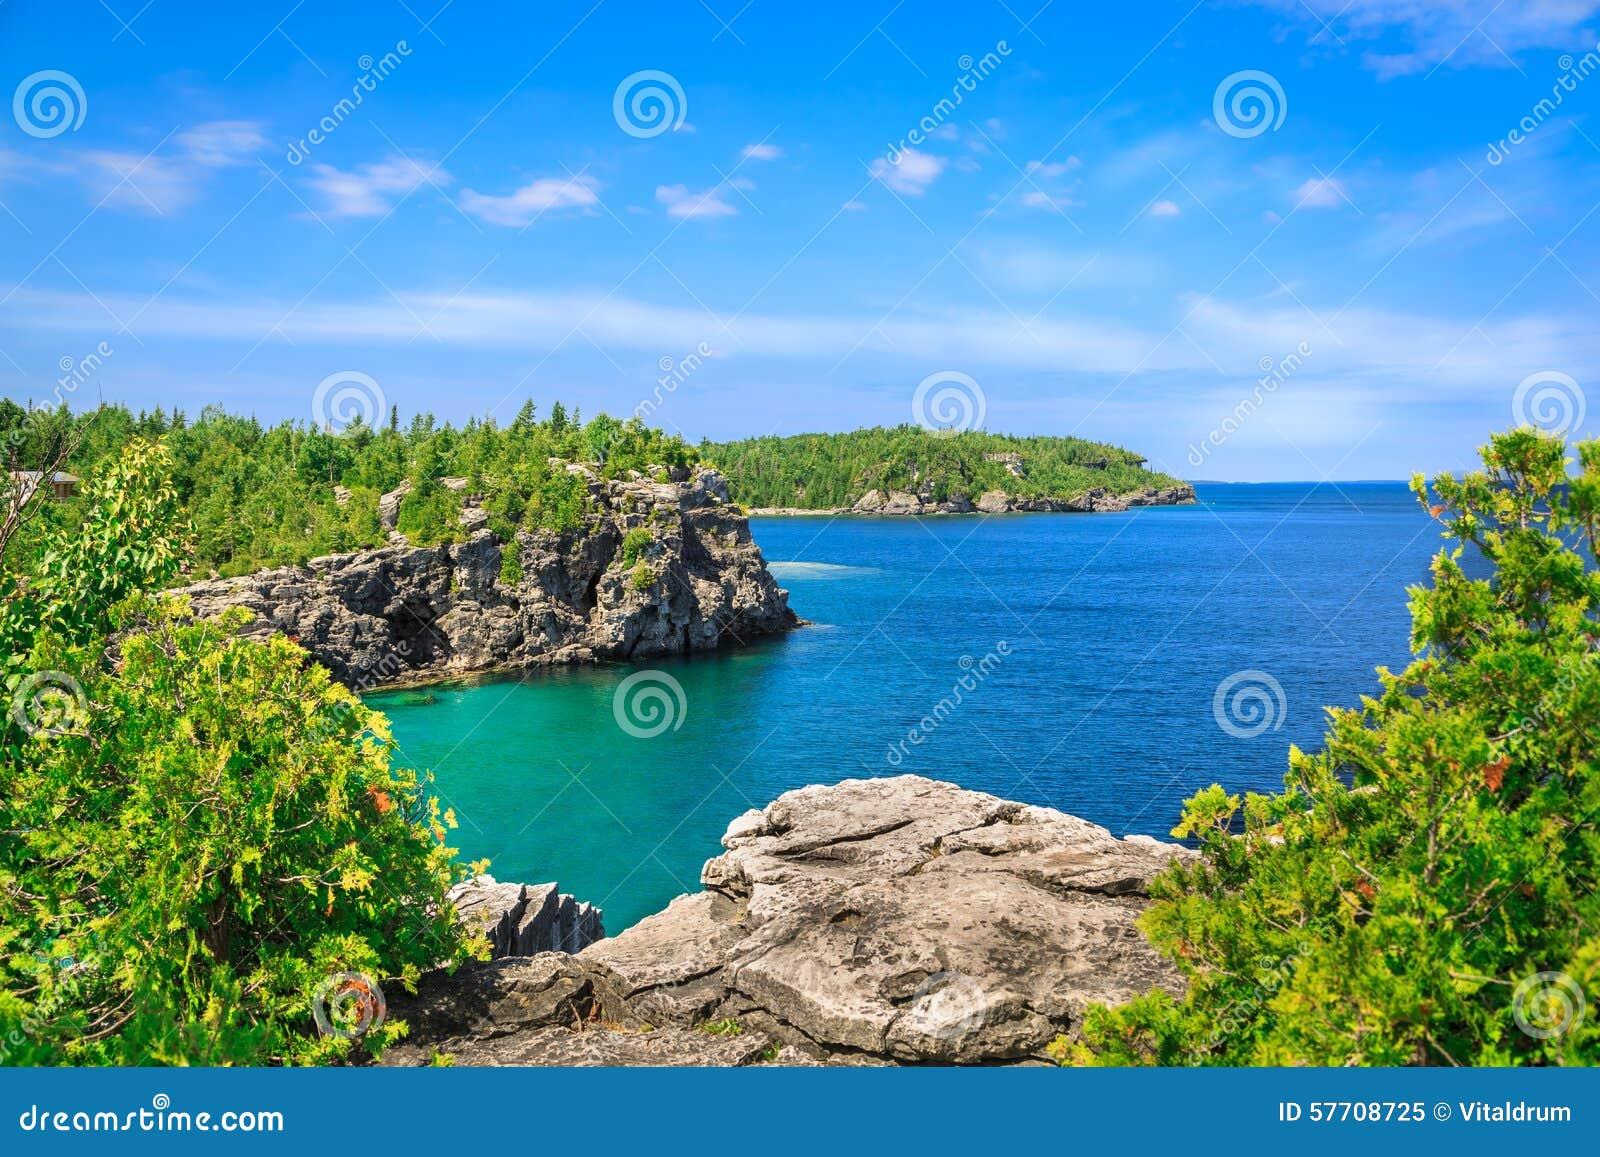 Шикарный взгляд ландшафта большого приглашая озера спокойного, воды Кипр бирюзы на красивом полуострове Брюс, Онтарио